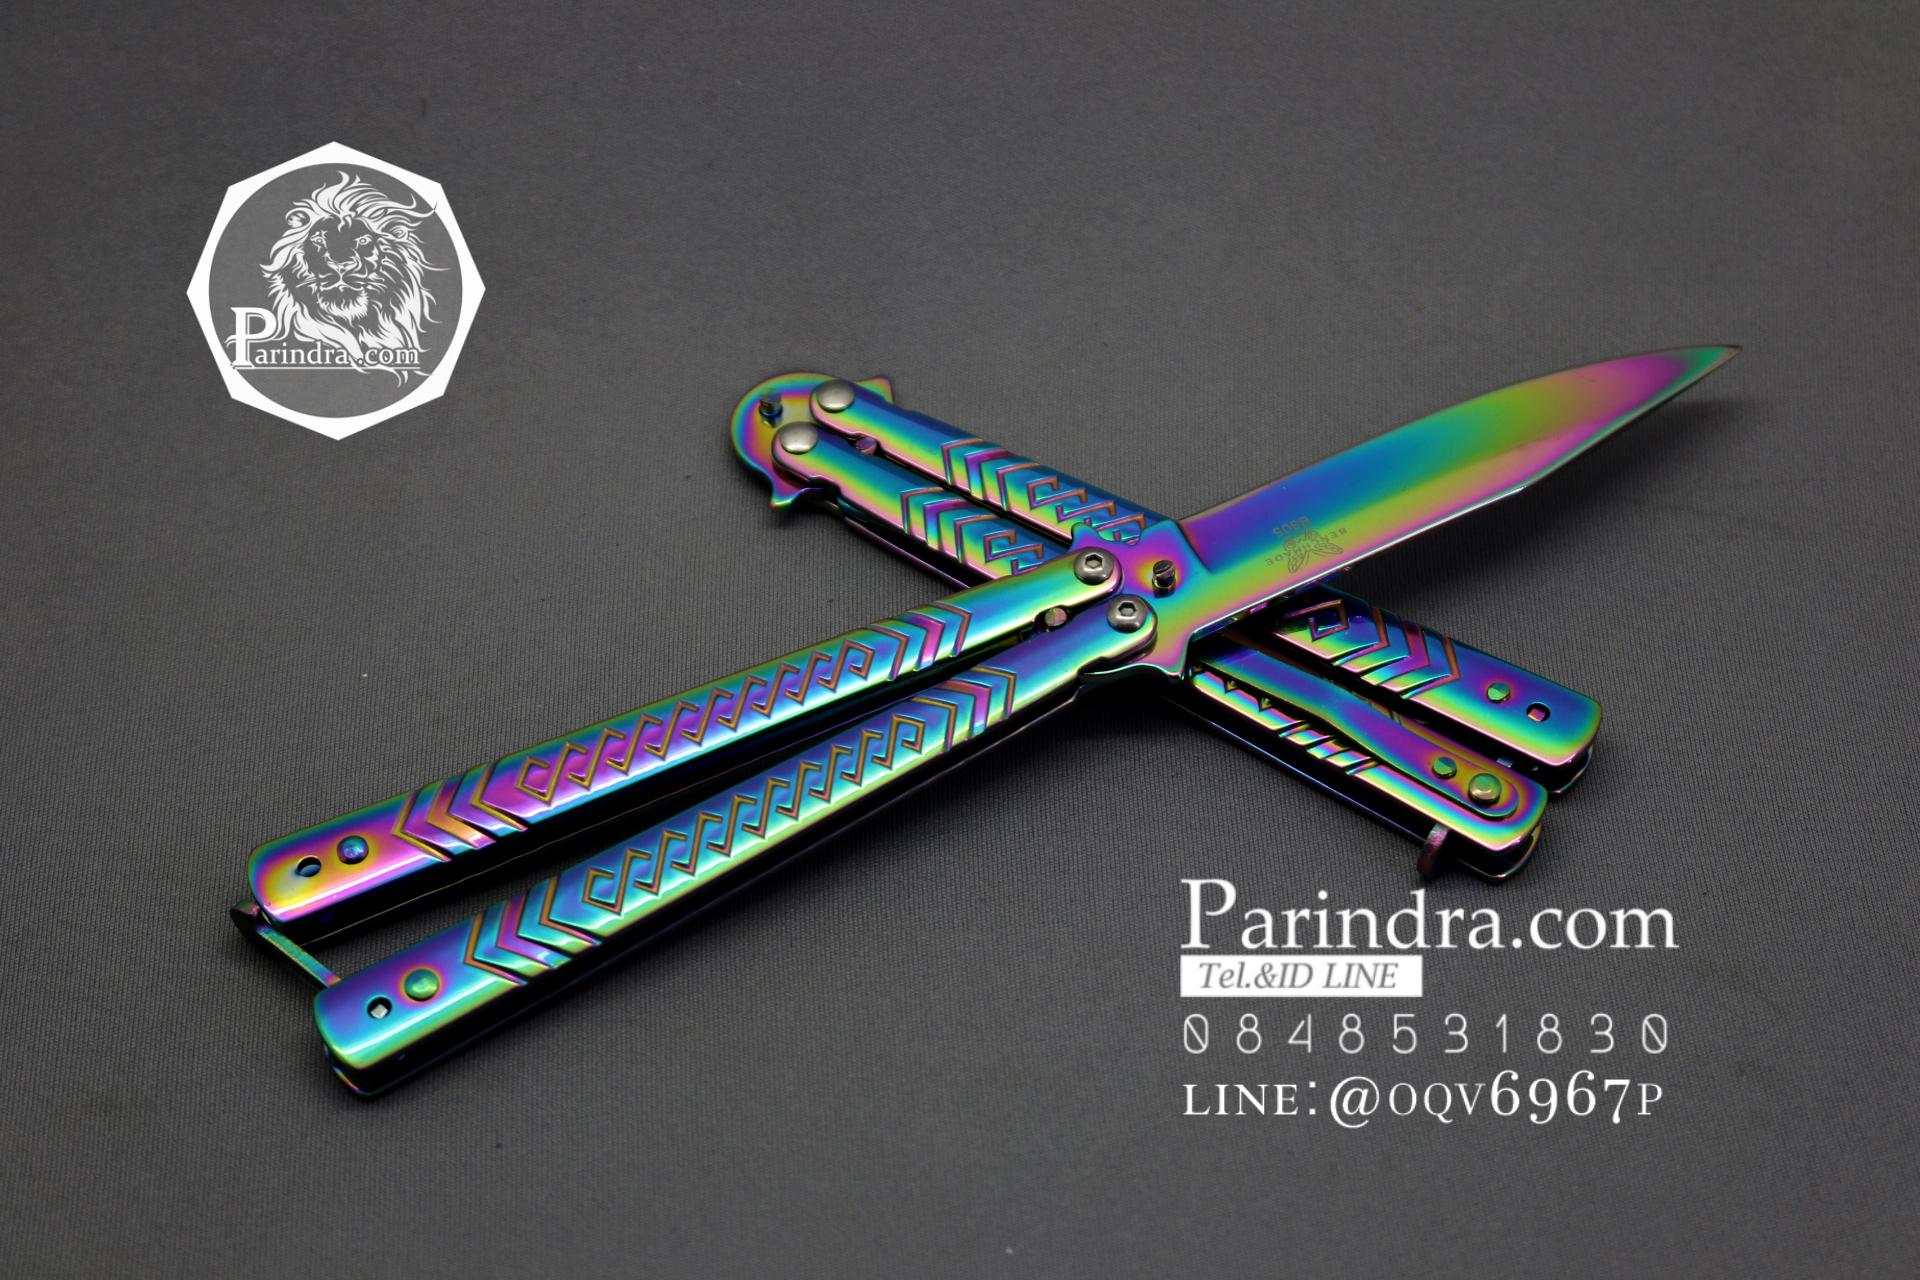 มีดบาลีซอง Balisong มีดควง มีดปีกผีเสื้อ สีรุ้งอะโนไดซ์ ขนาด 9 นิ้ว BLA003 BLA024